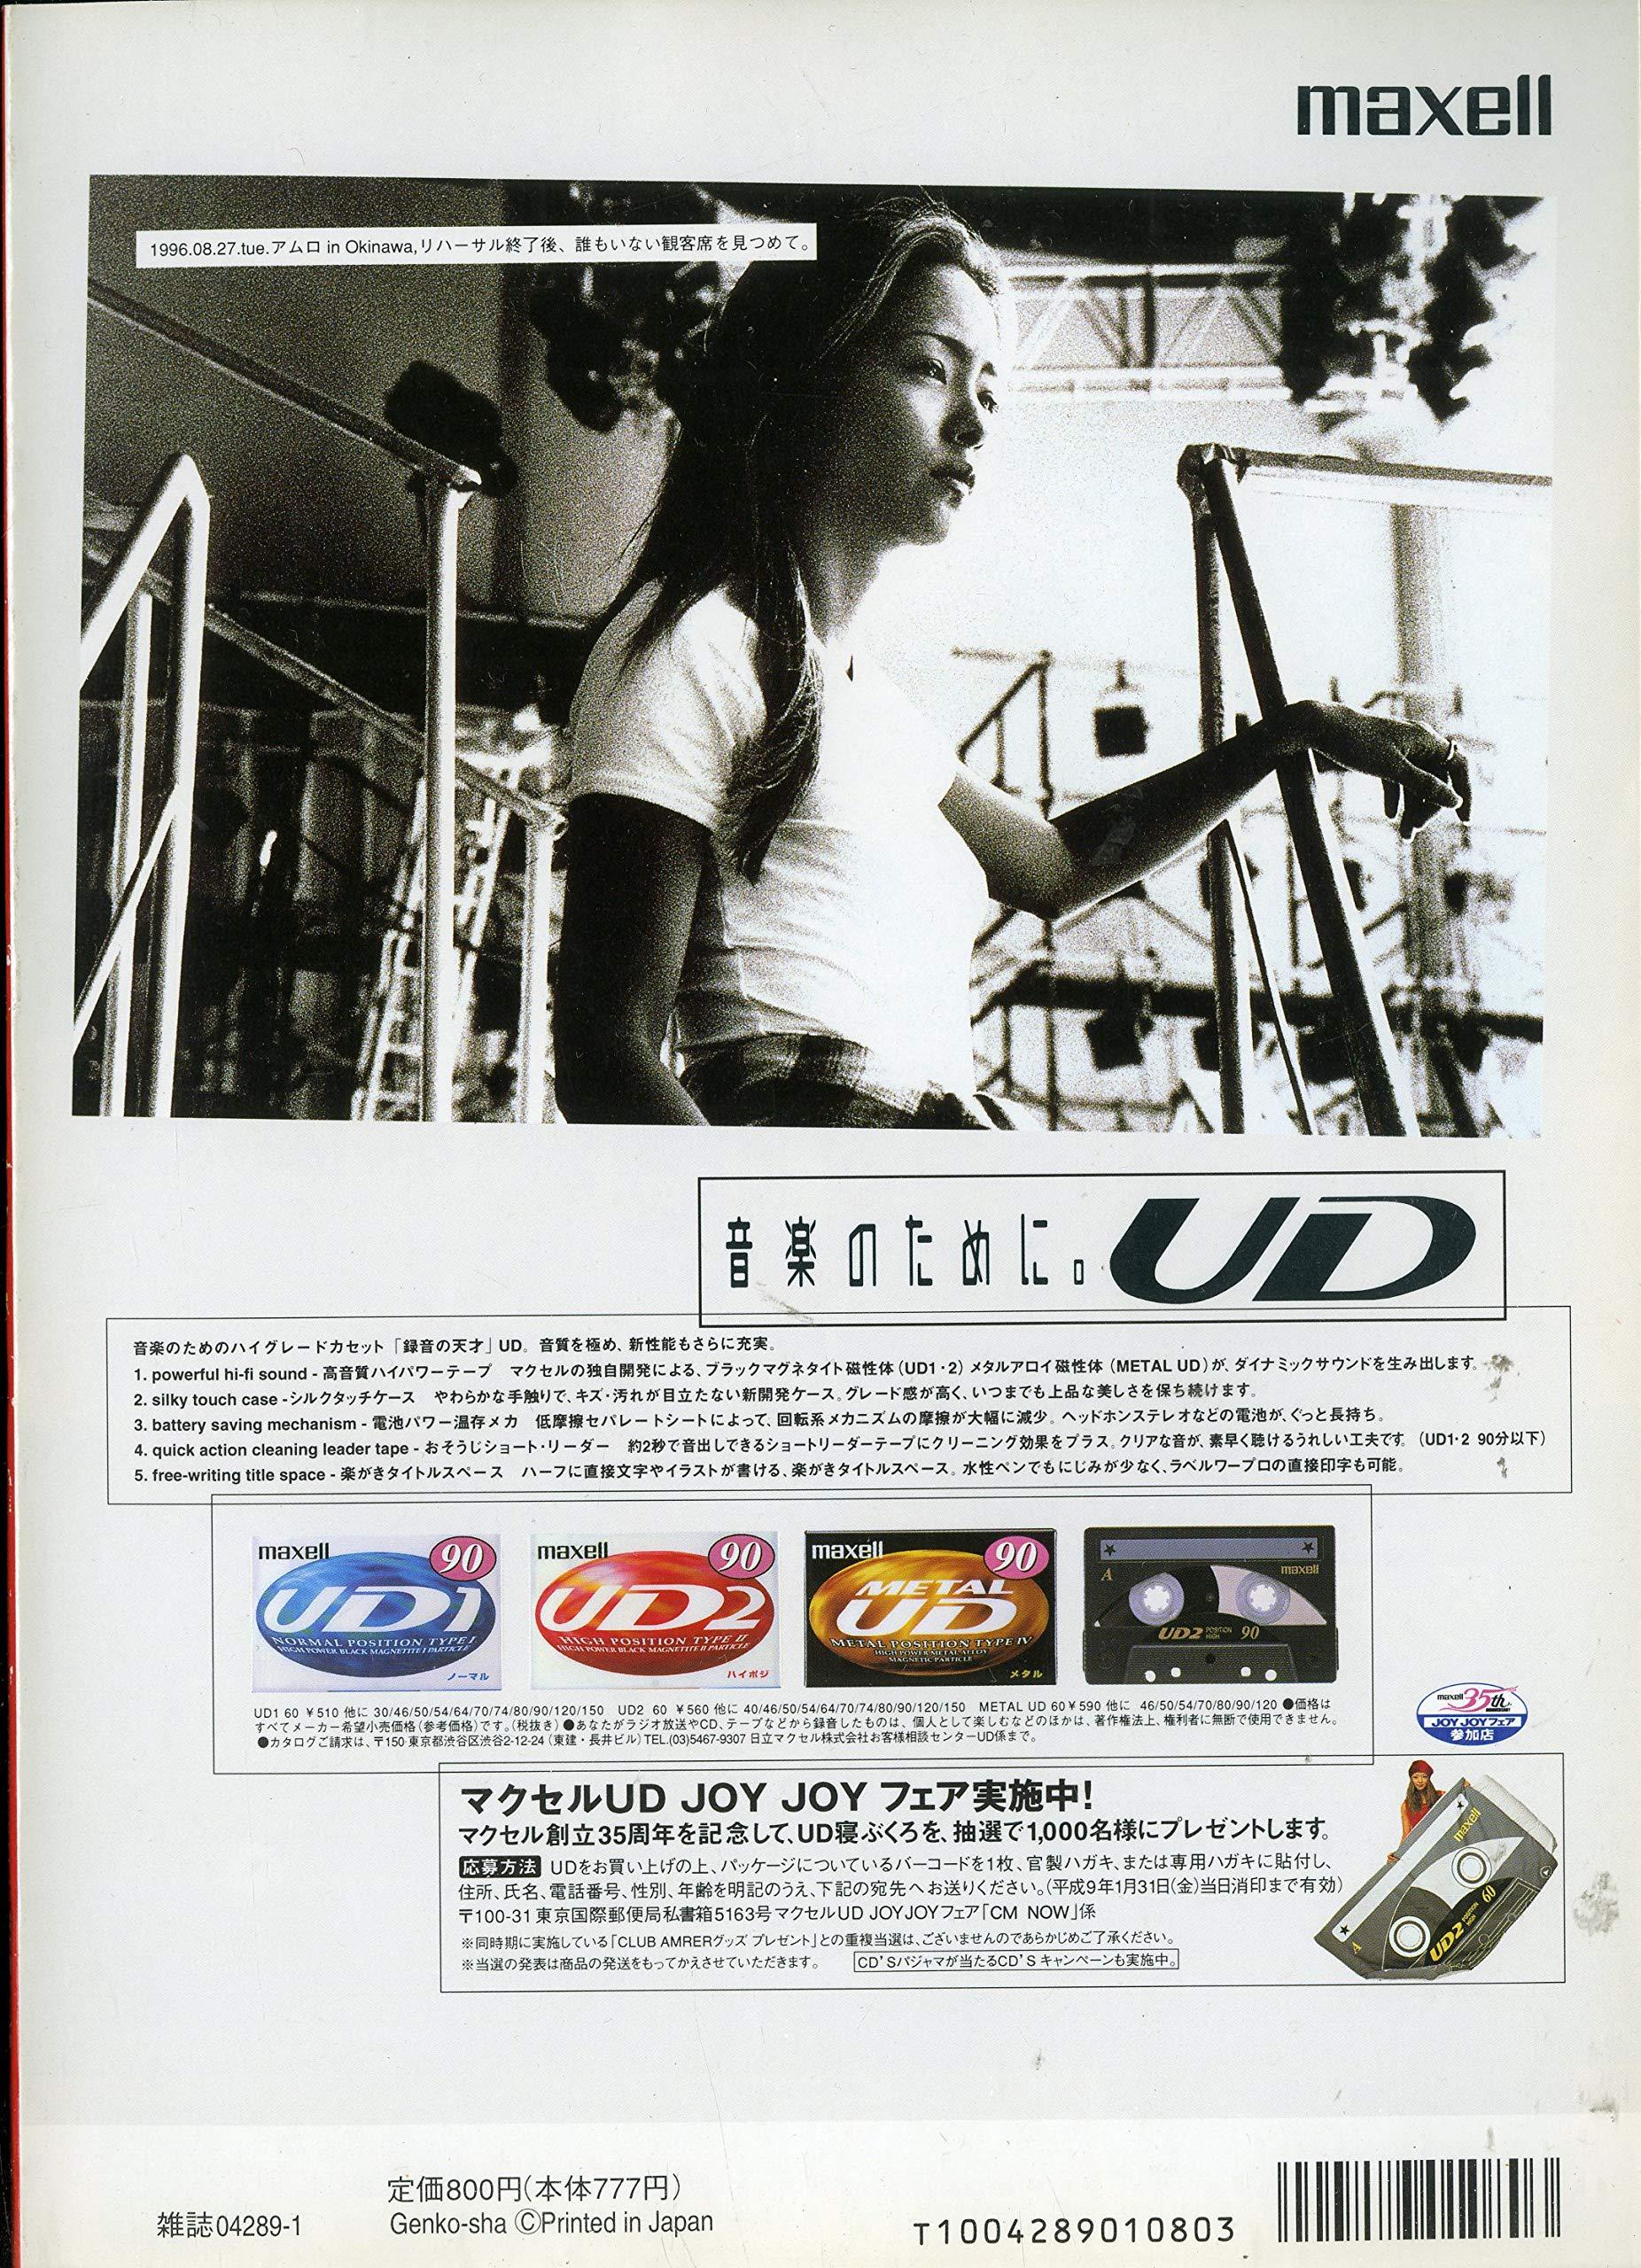 https://images-na.ssl-images-amazon.com/images/I/91XnA1jDFtL.jpg